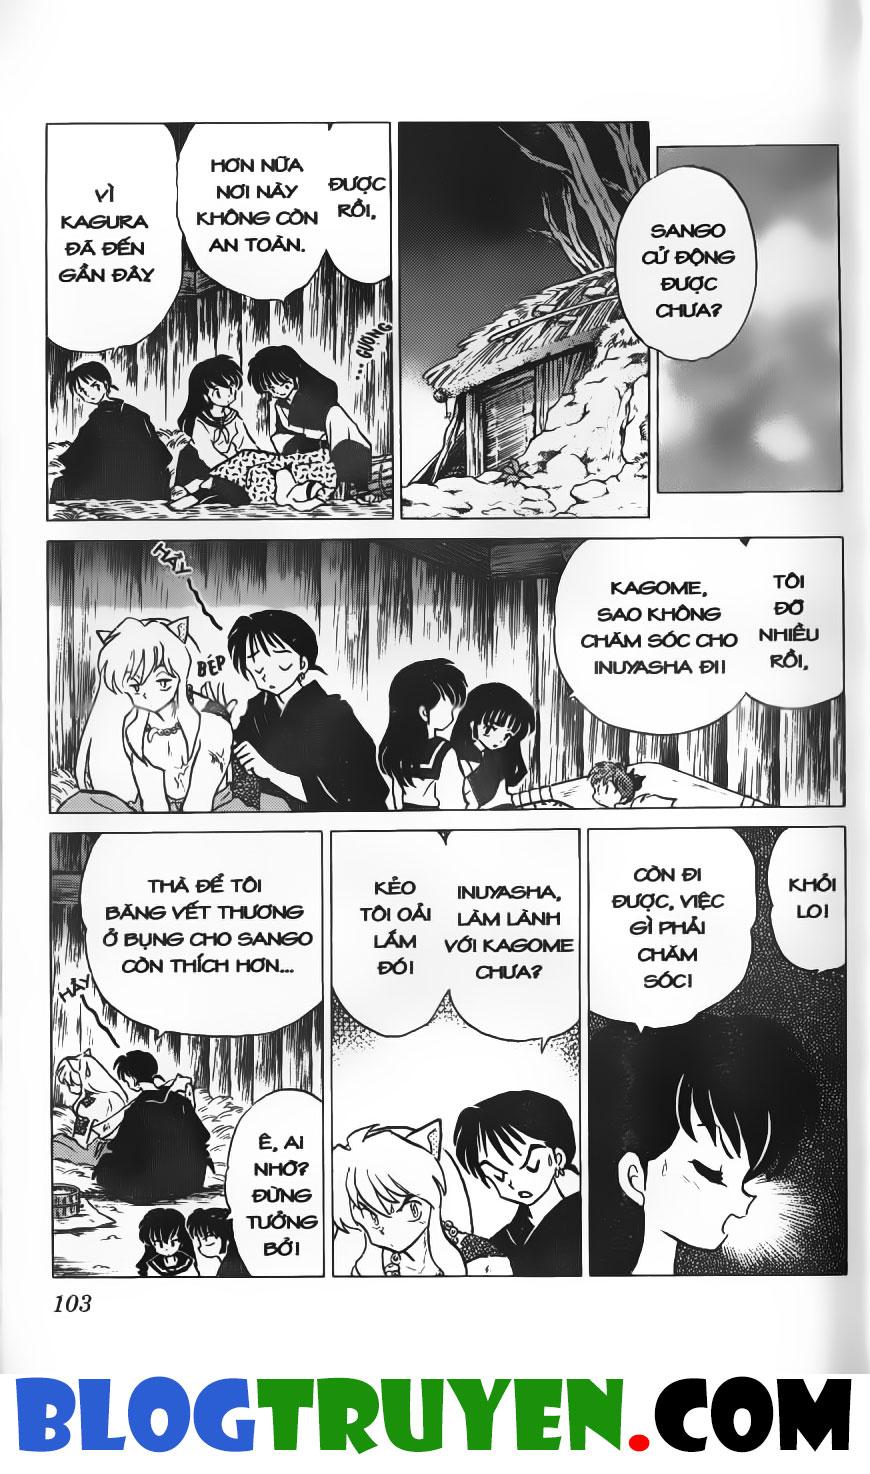 Inuyasha vol 16.6 trang 10